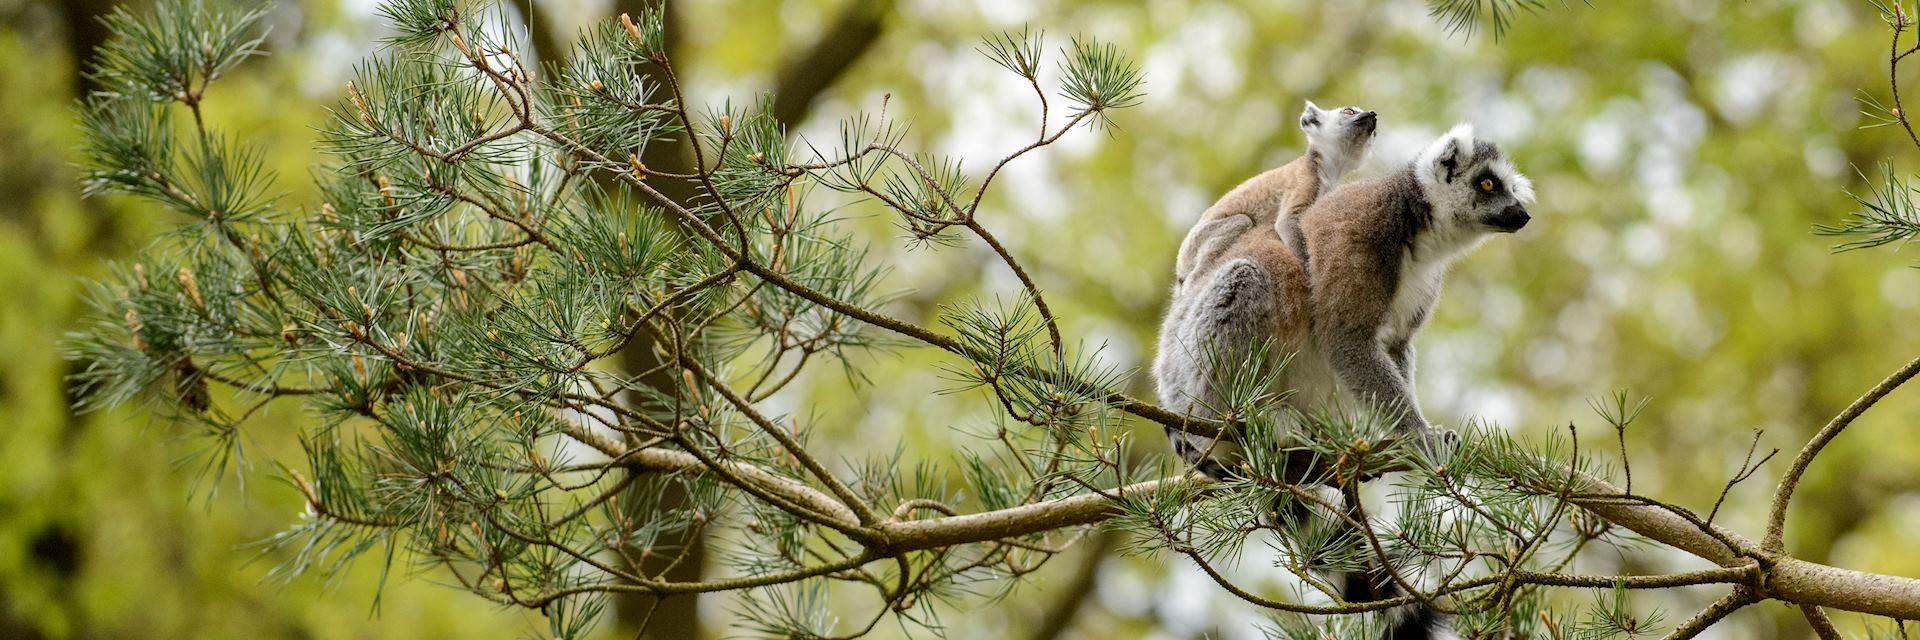 Ring-tailed lemur, Berenty Reserve